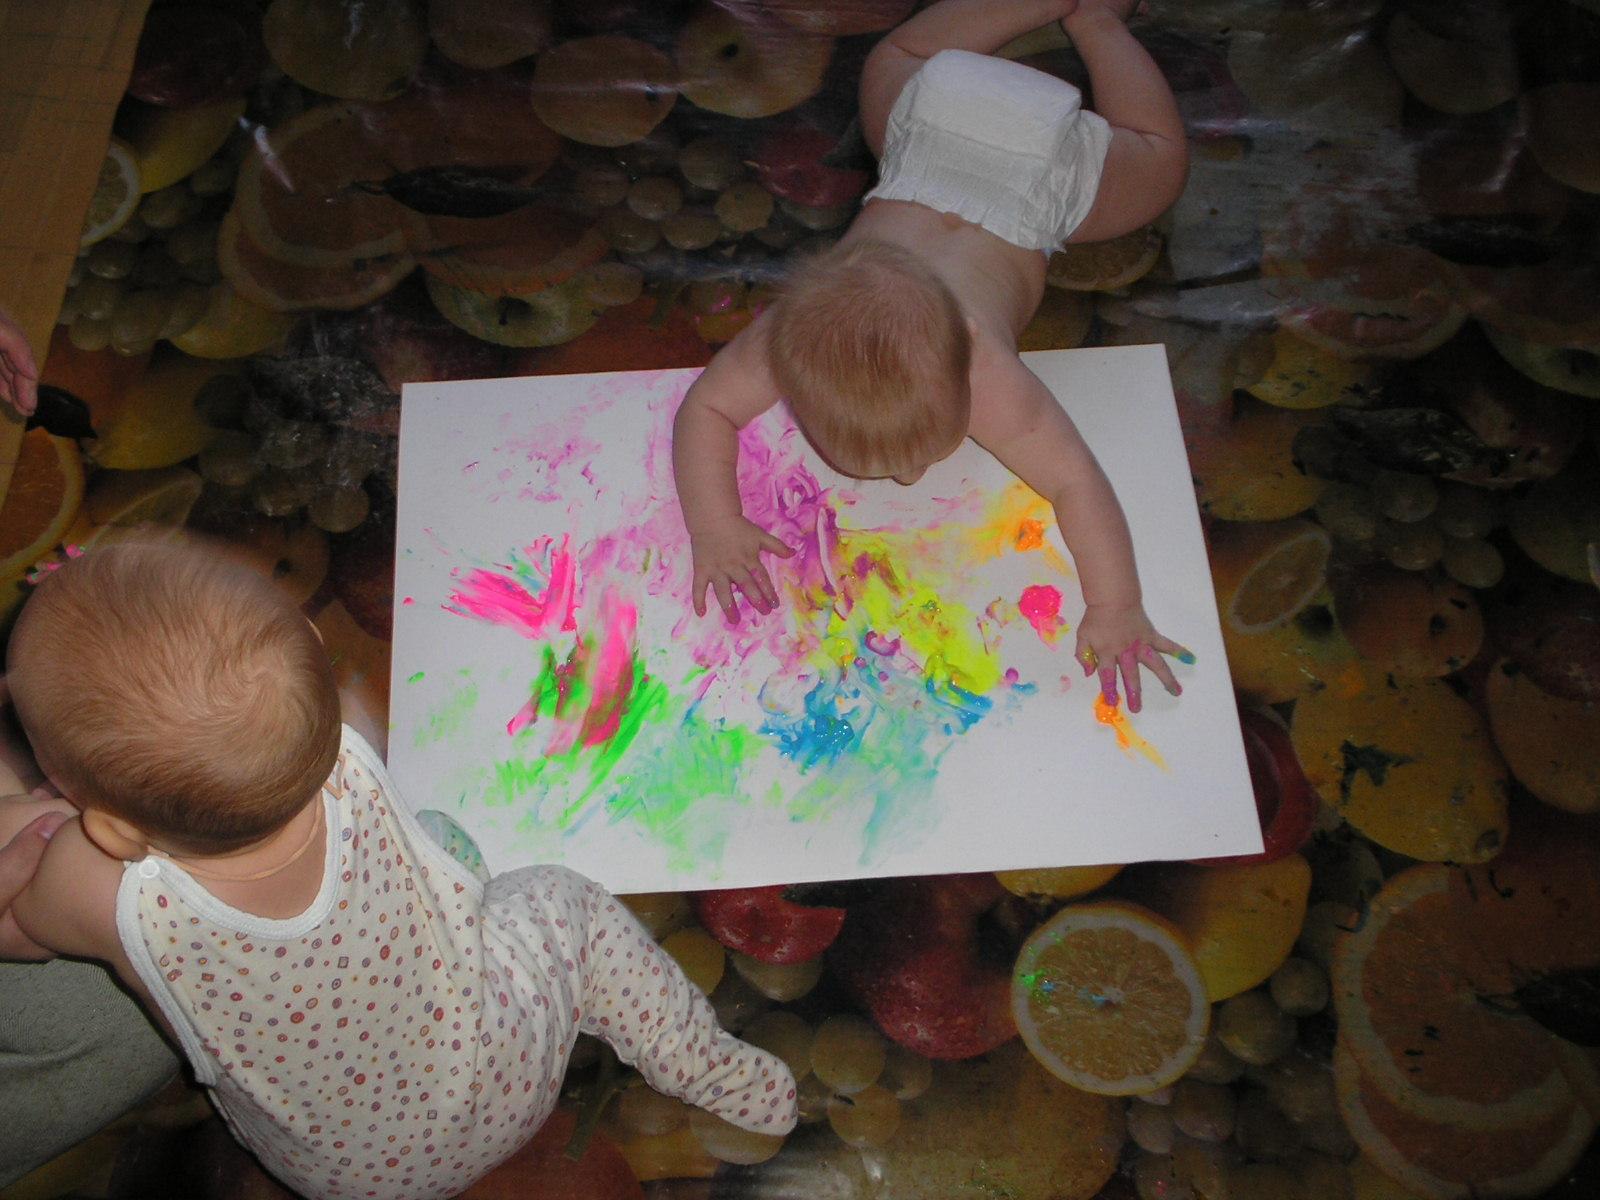 Малыш-художнник. Живописцы, окуните ваши кисти!